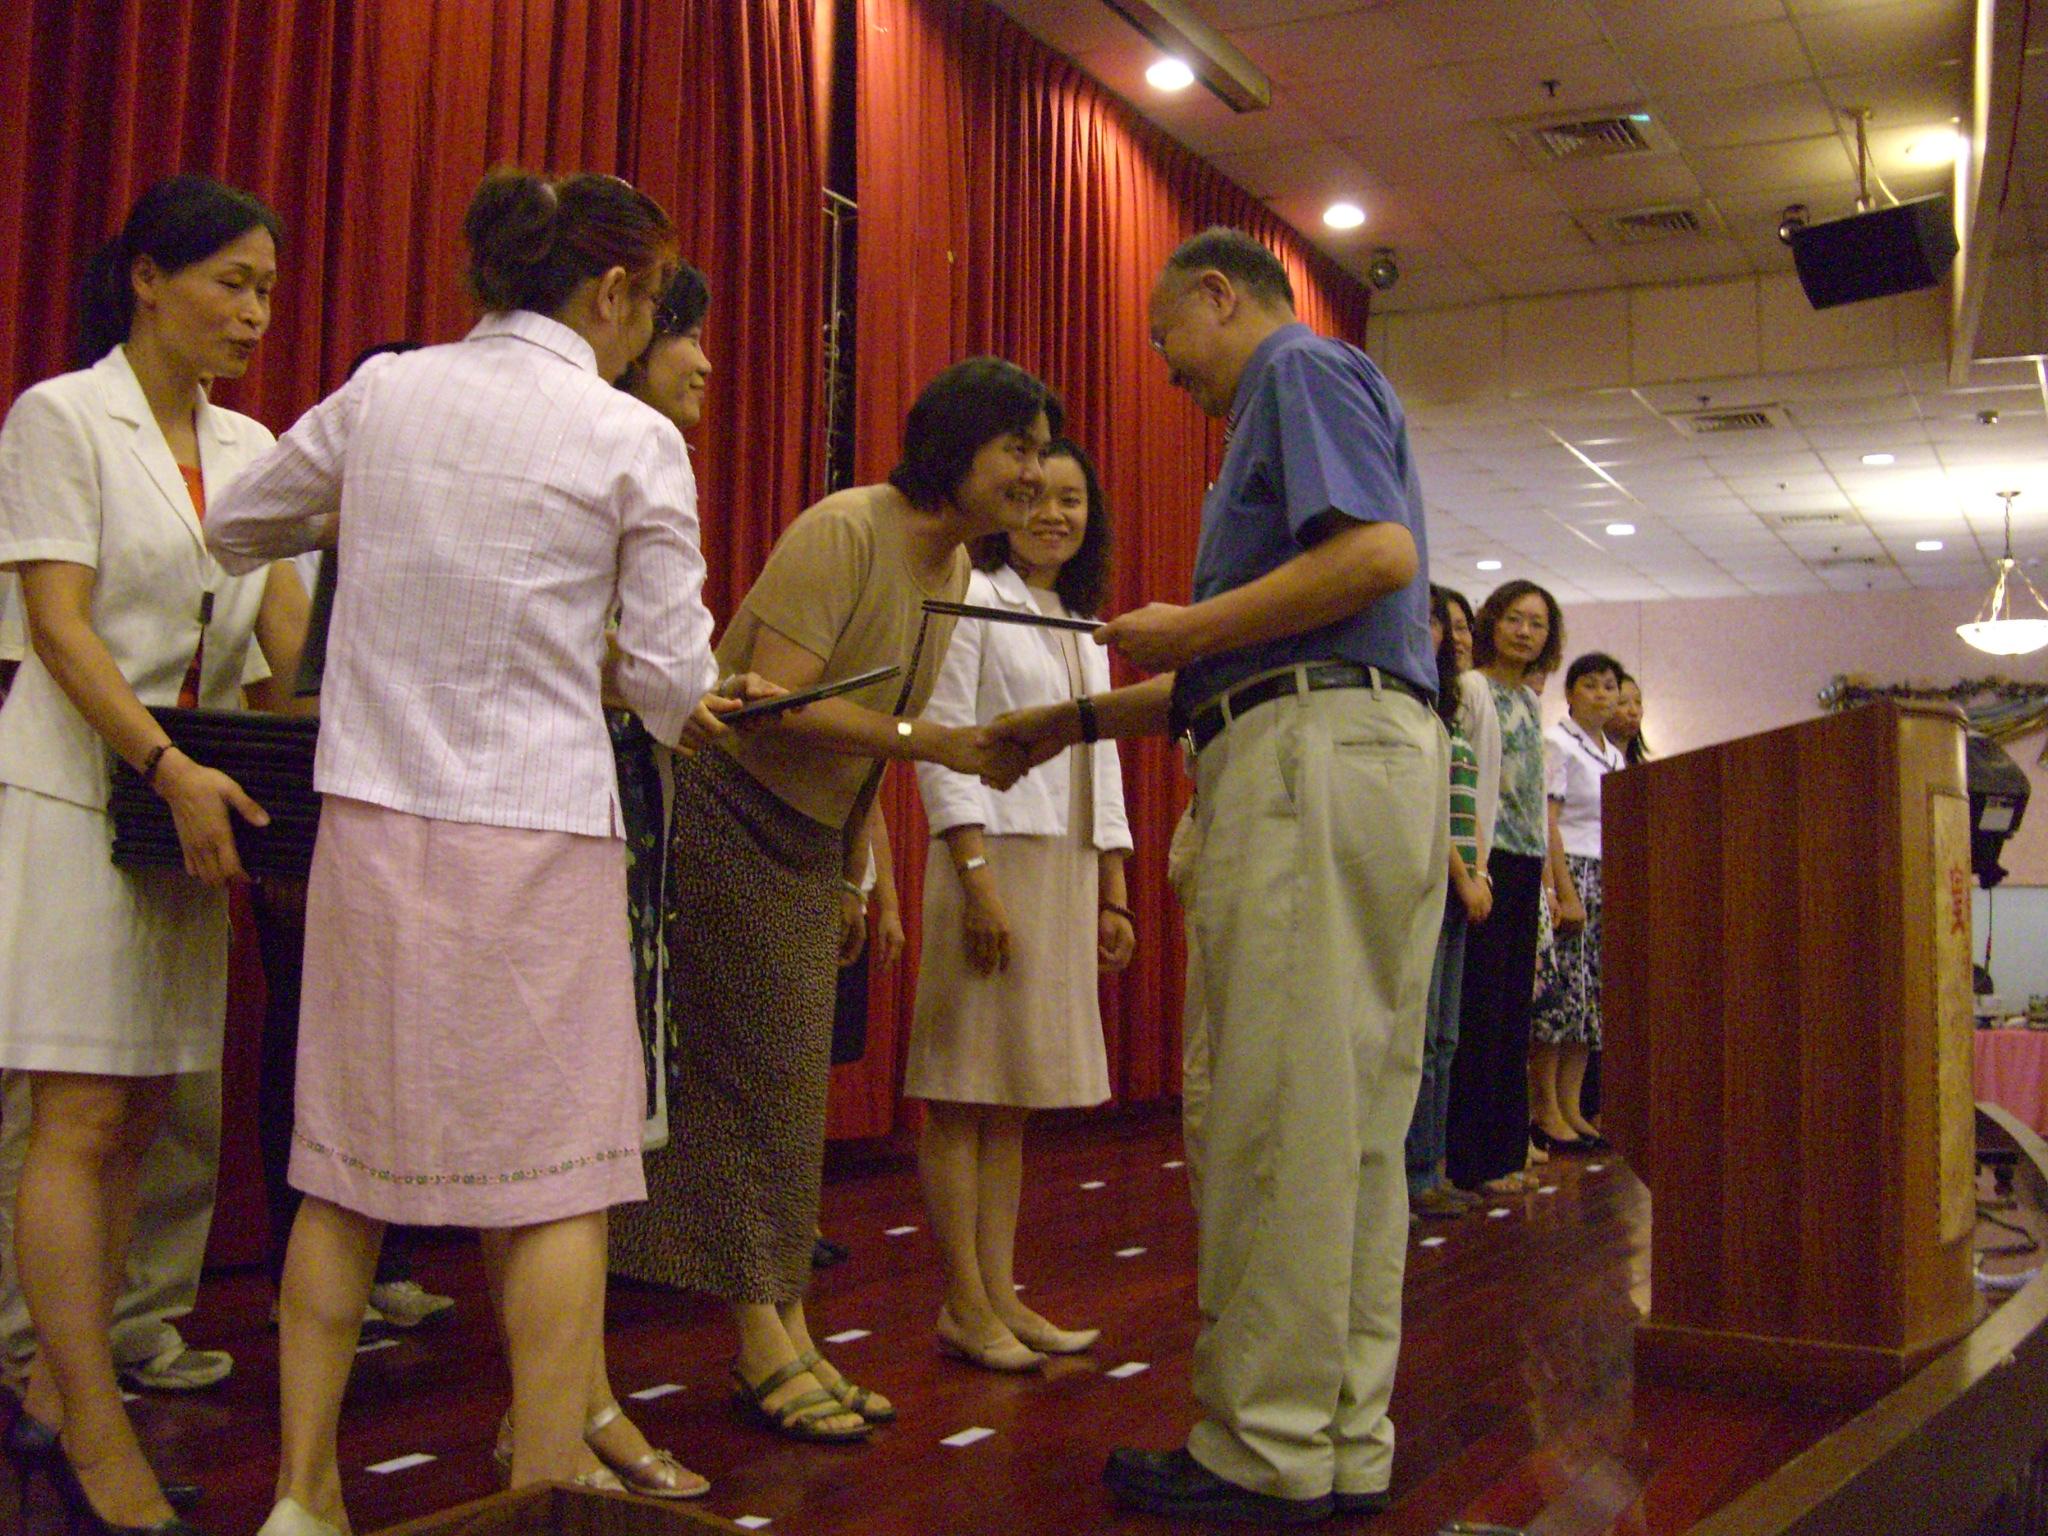 慶祝教師節 中原大學舉辦感恩餐會 五百餘位教職員工齊聚ㄧ堂